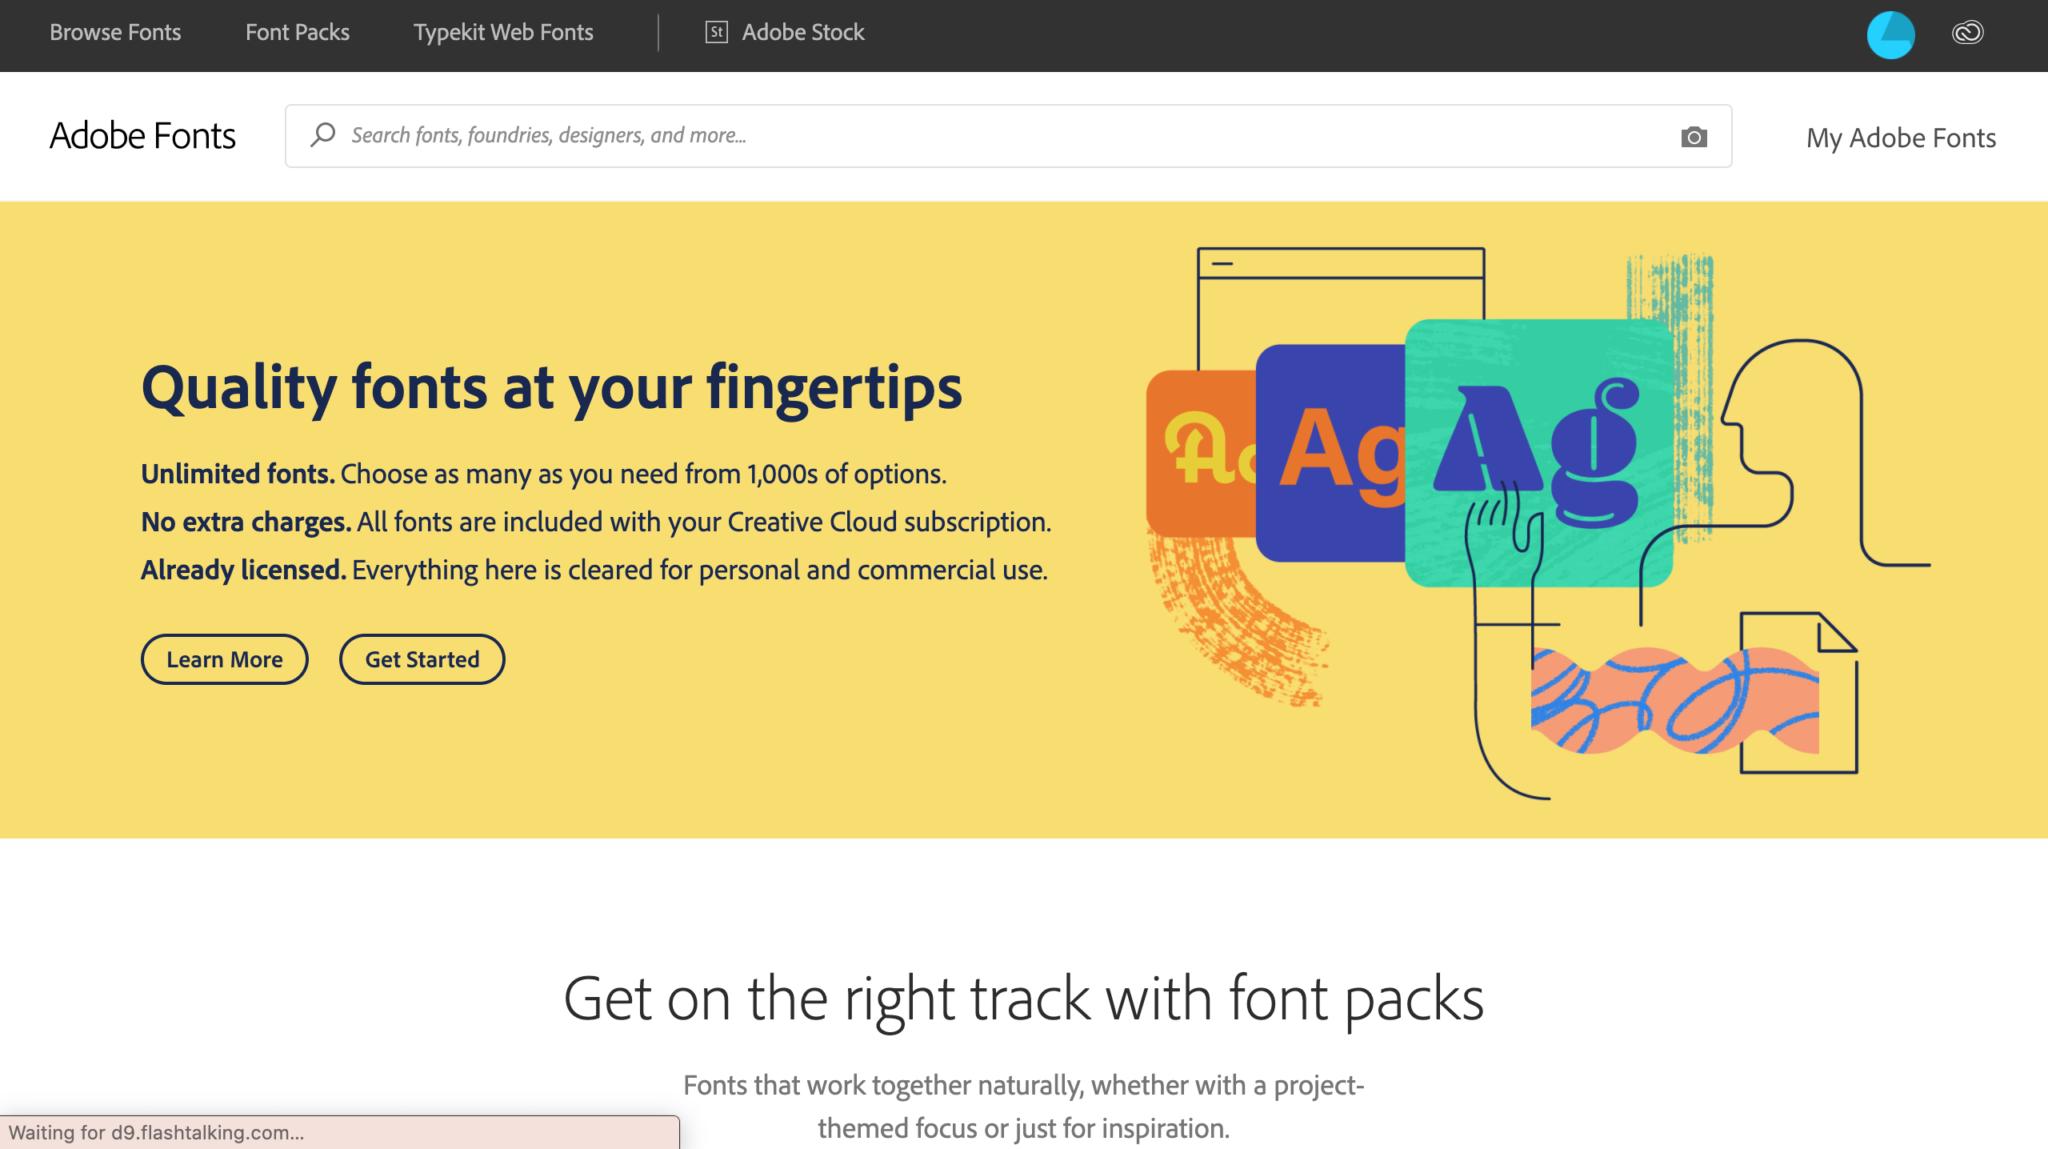 Adobe Fonts homepage screenshot 2020